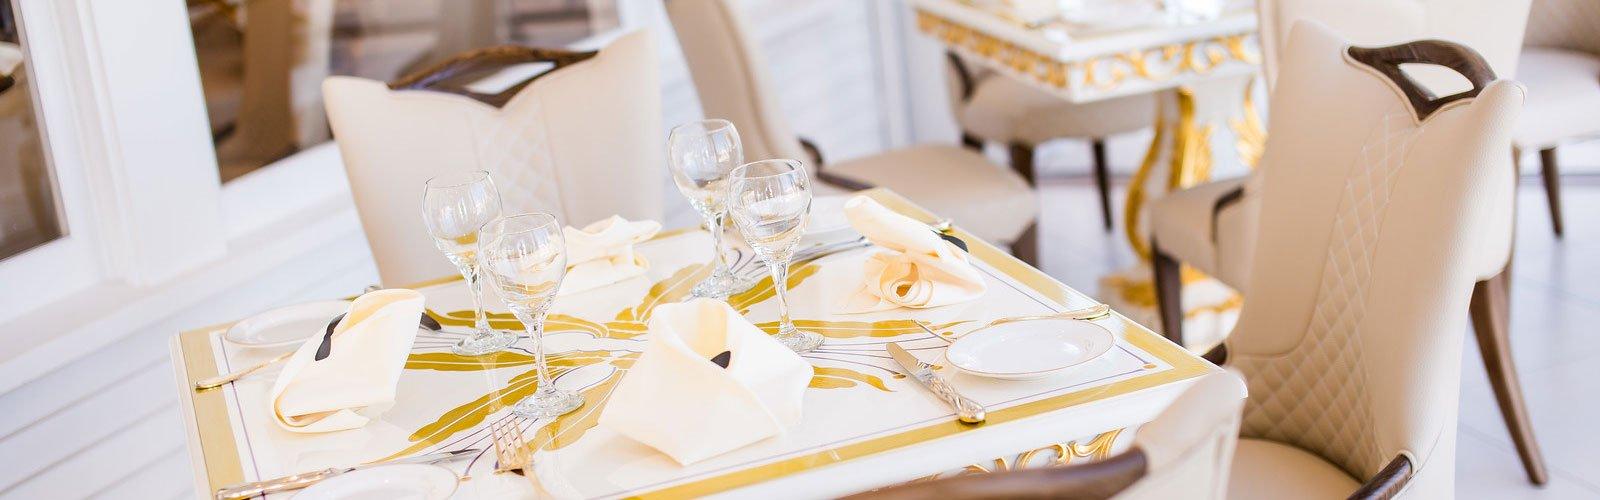 Banquet Menus